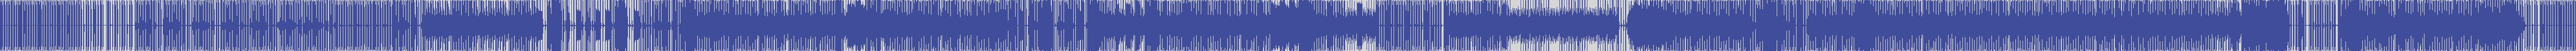 just_digital_records [JS1065] Dj Alex Del Lago - Think That Bader [Original Mix] audio wave form